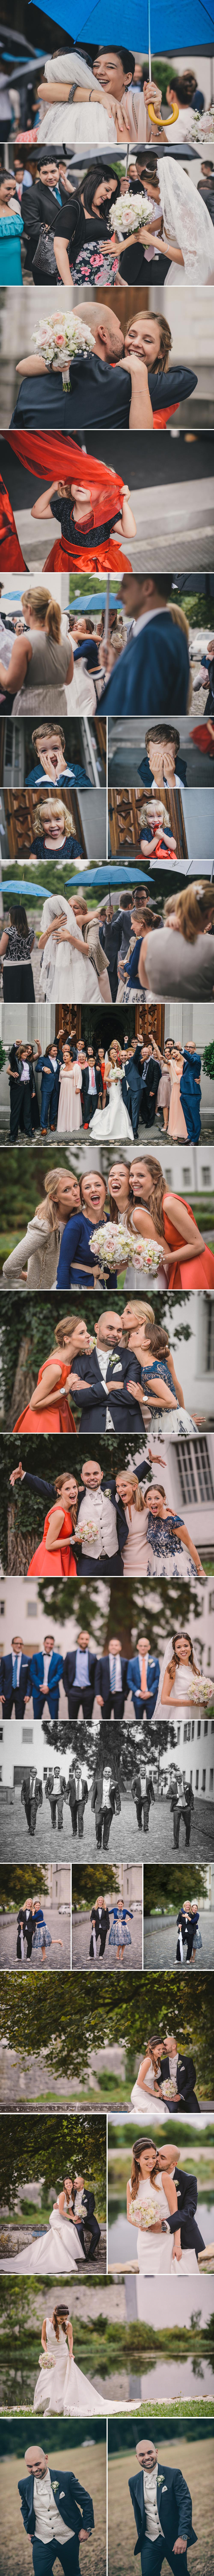 HochzeitsFoto_Zurich